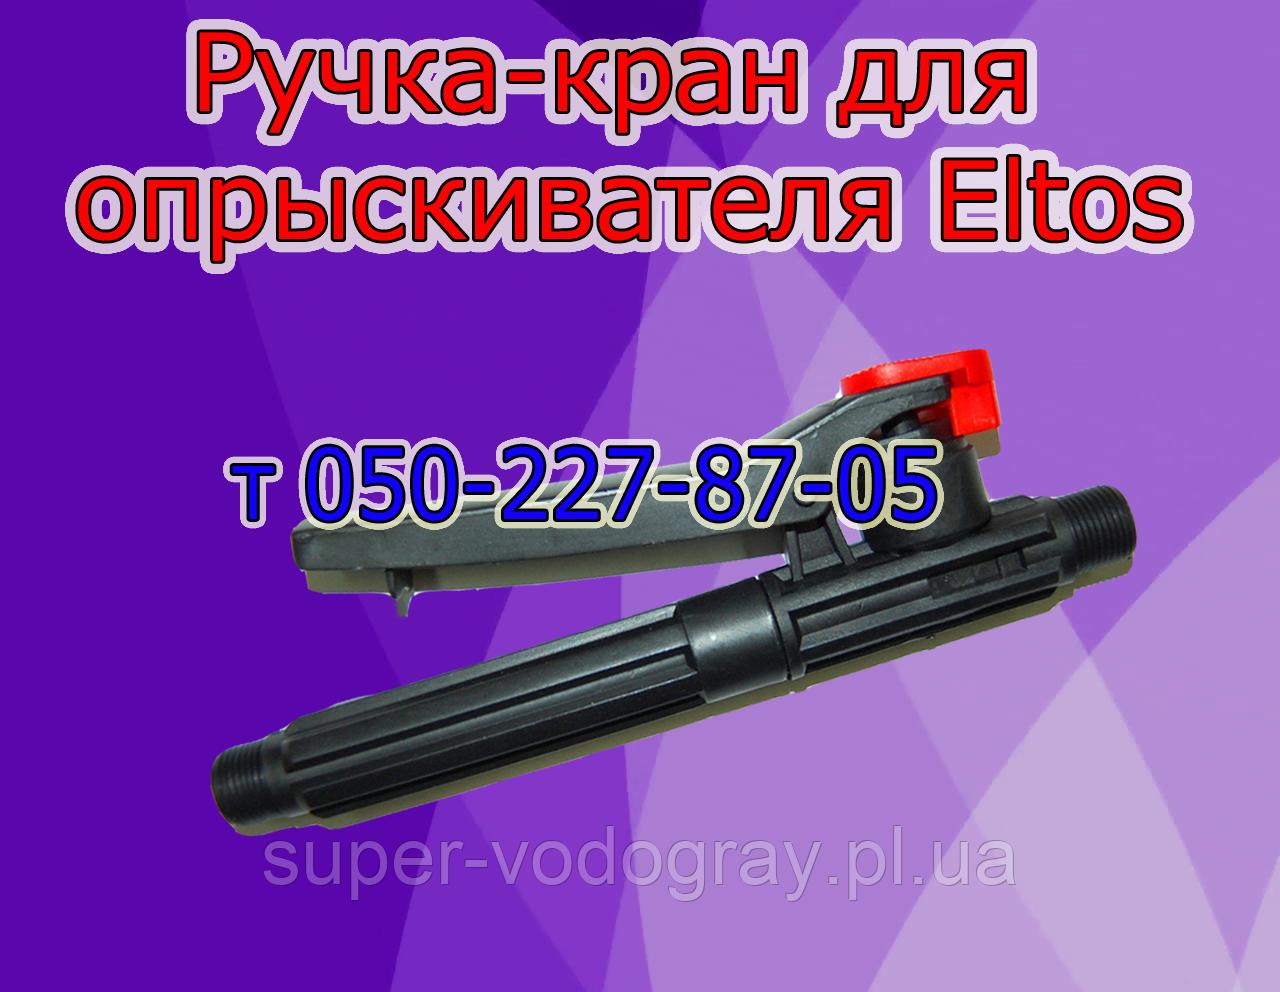 Ручка-кран для опрыскивателя Eltos